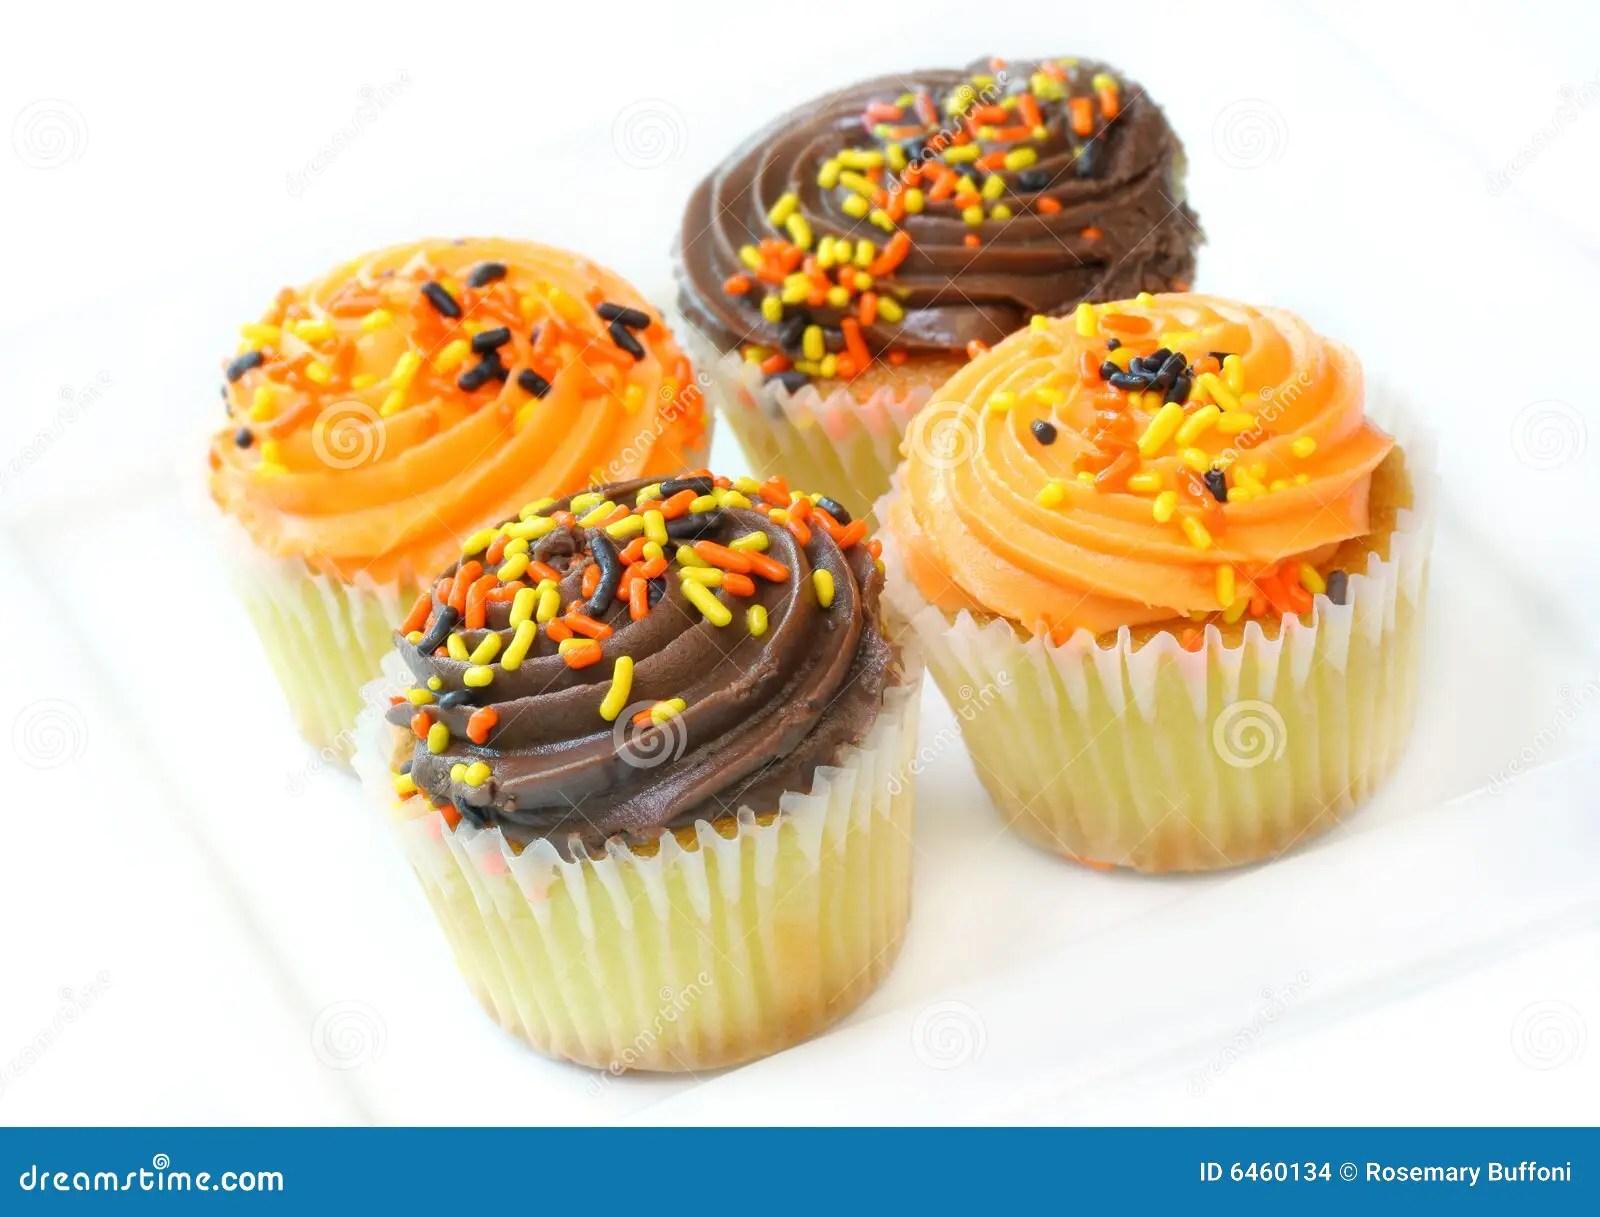 HalloweenPartykleine Kuchen Stockfoto  Bild 6460134